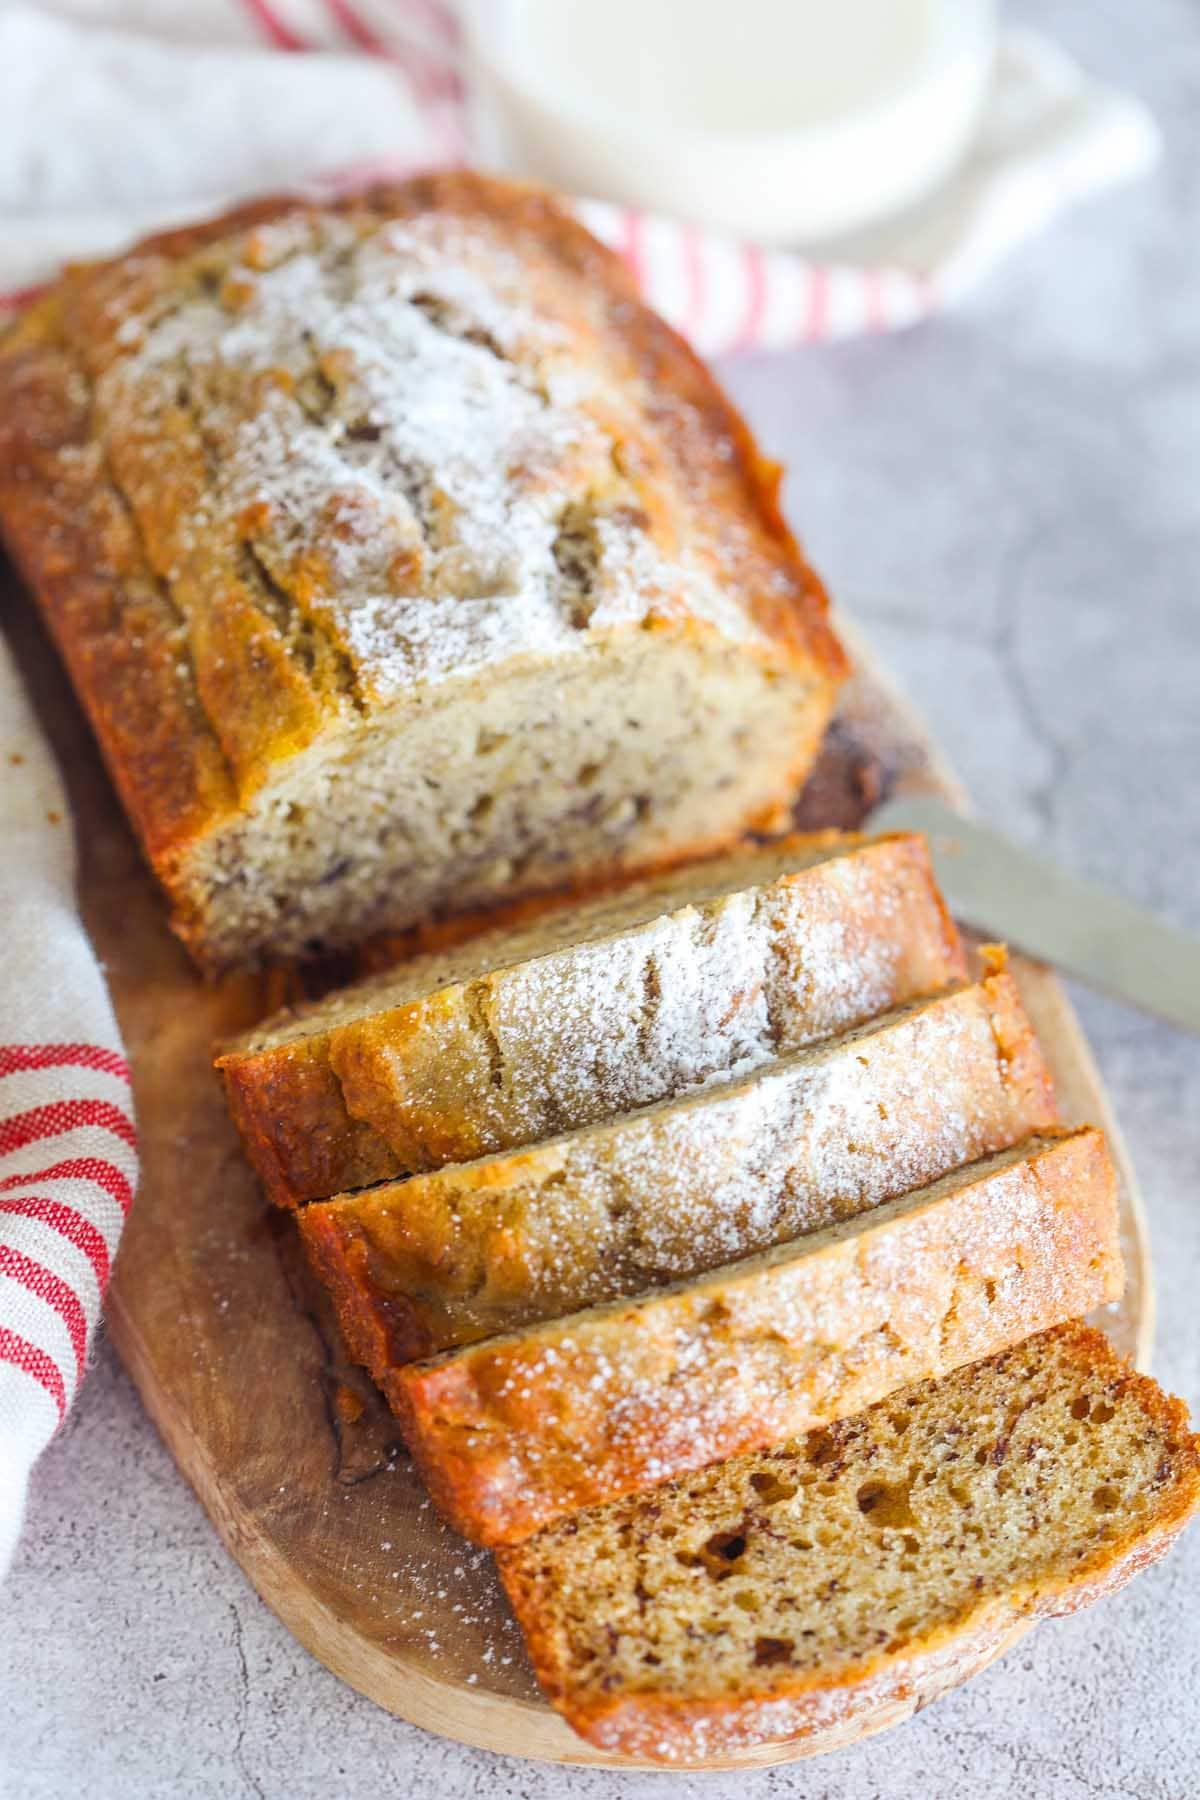 Easy moist banana bread recipe using rum.